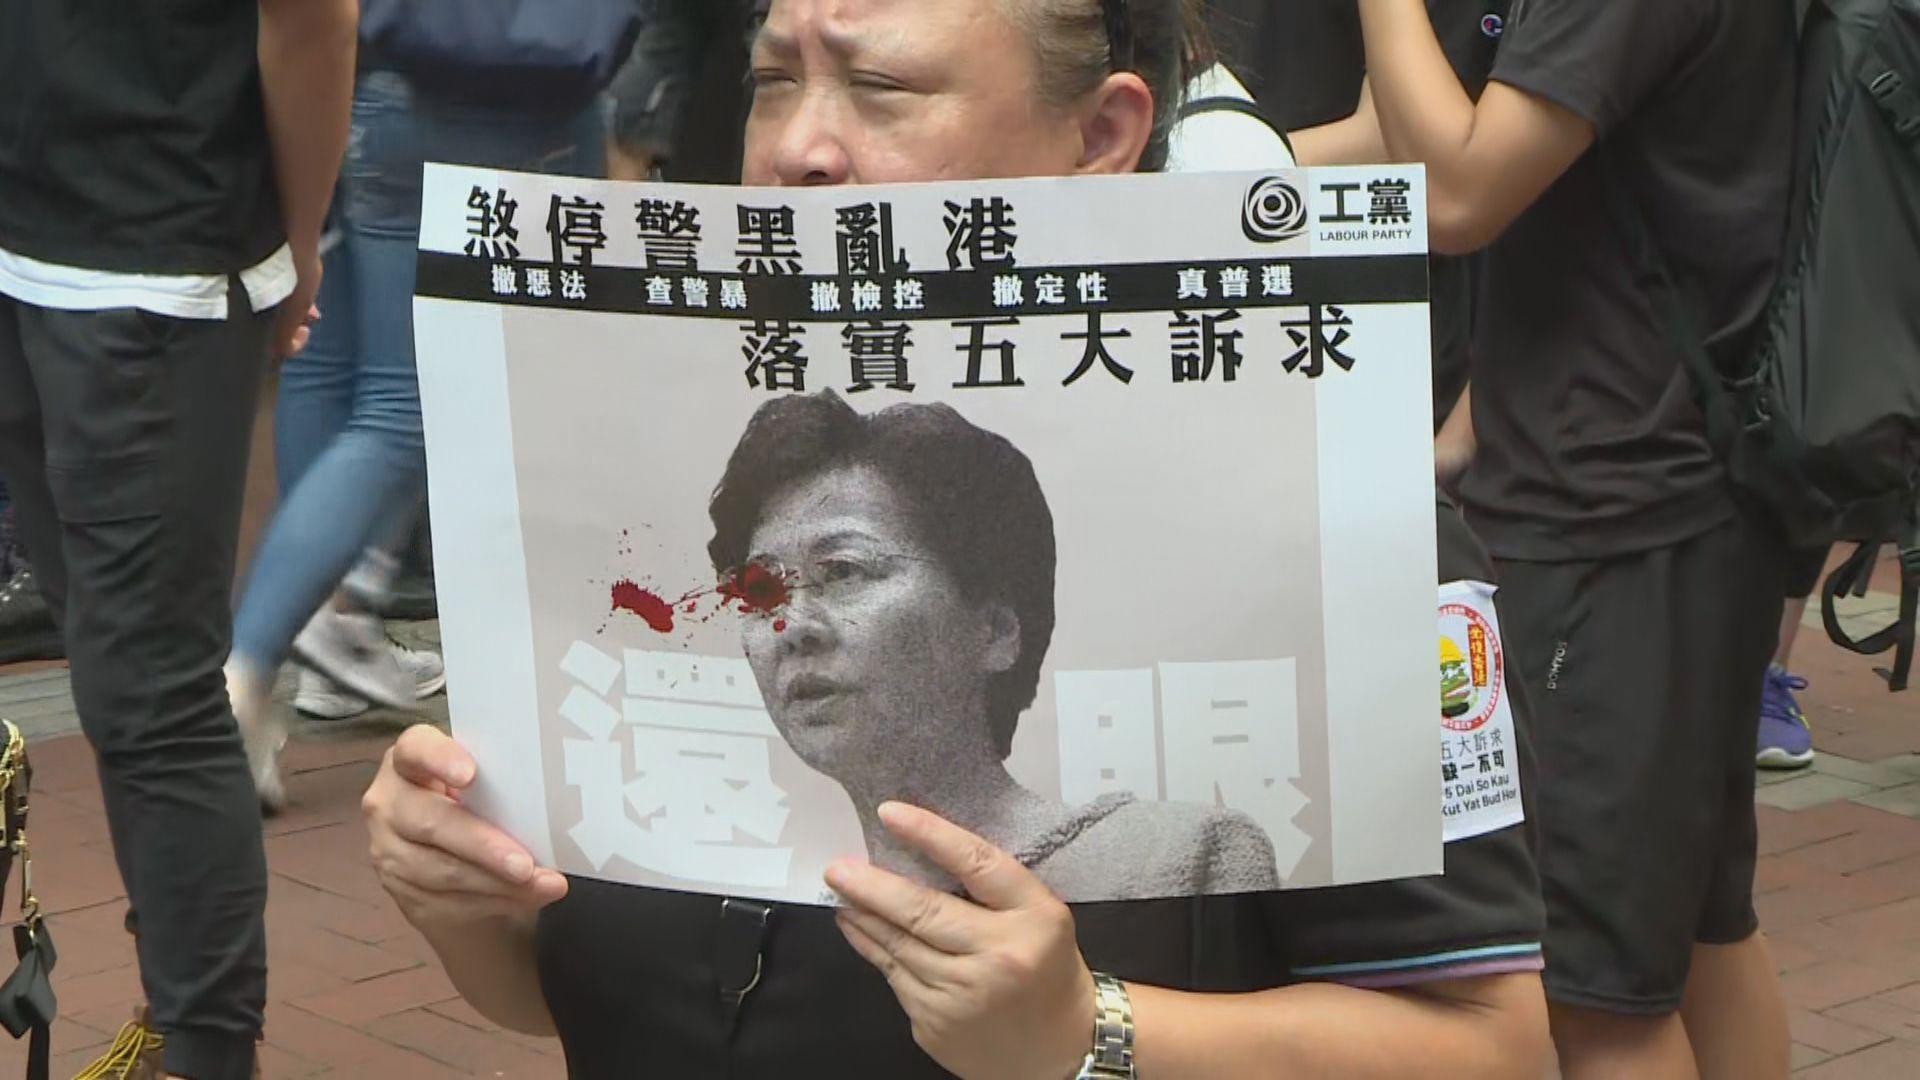 示威者聚集銅鑼灣向西遊行